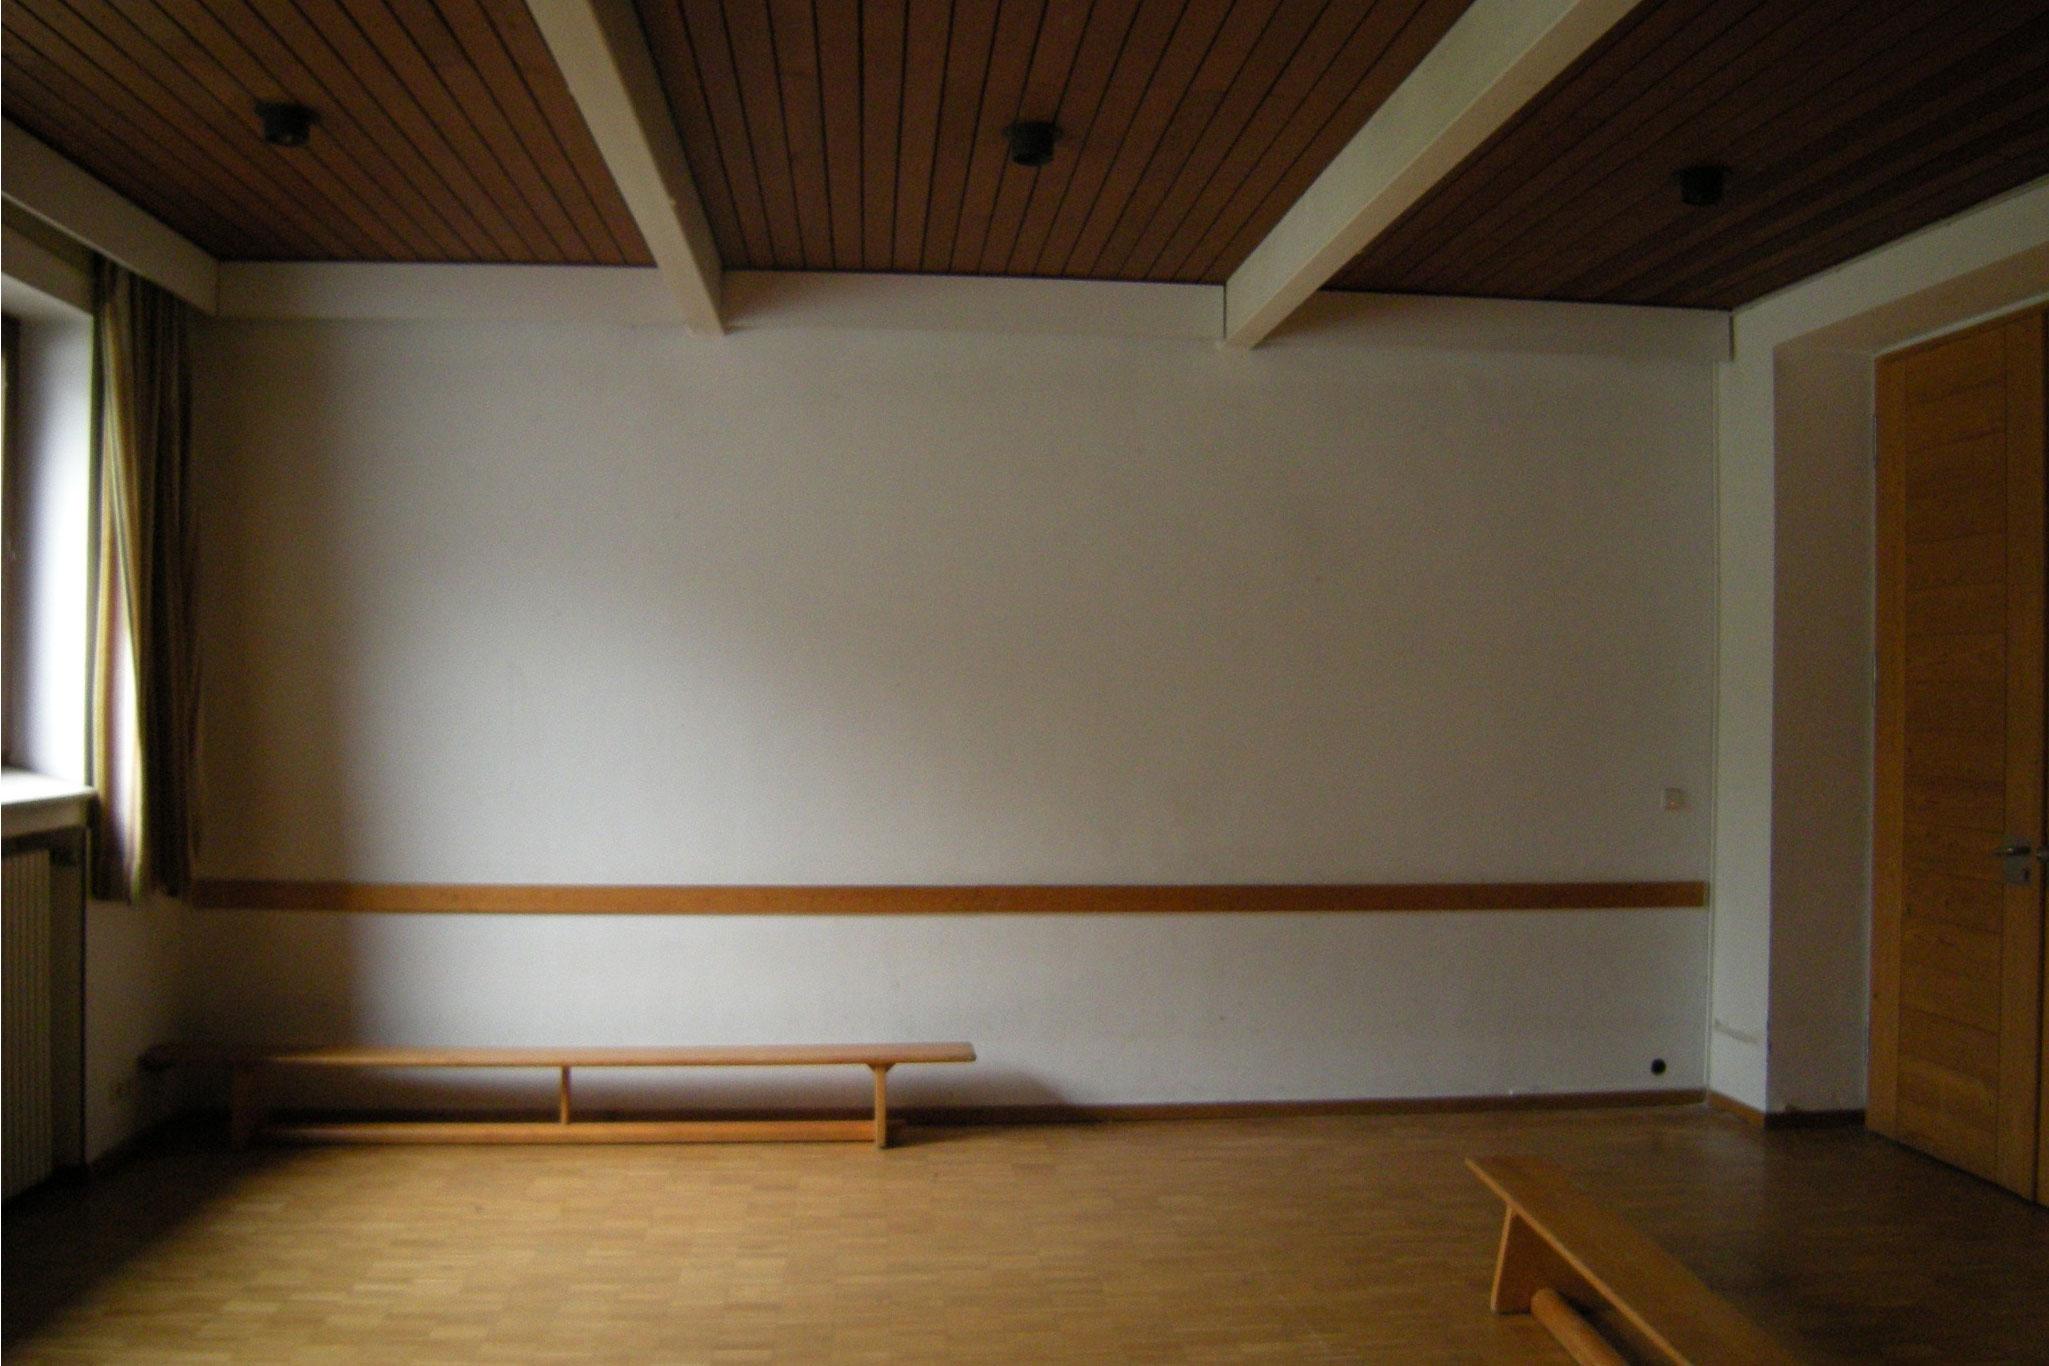 Innenarchitektur-München-Sanierung-Raum3-Vorher-2